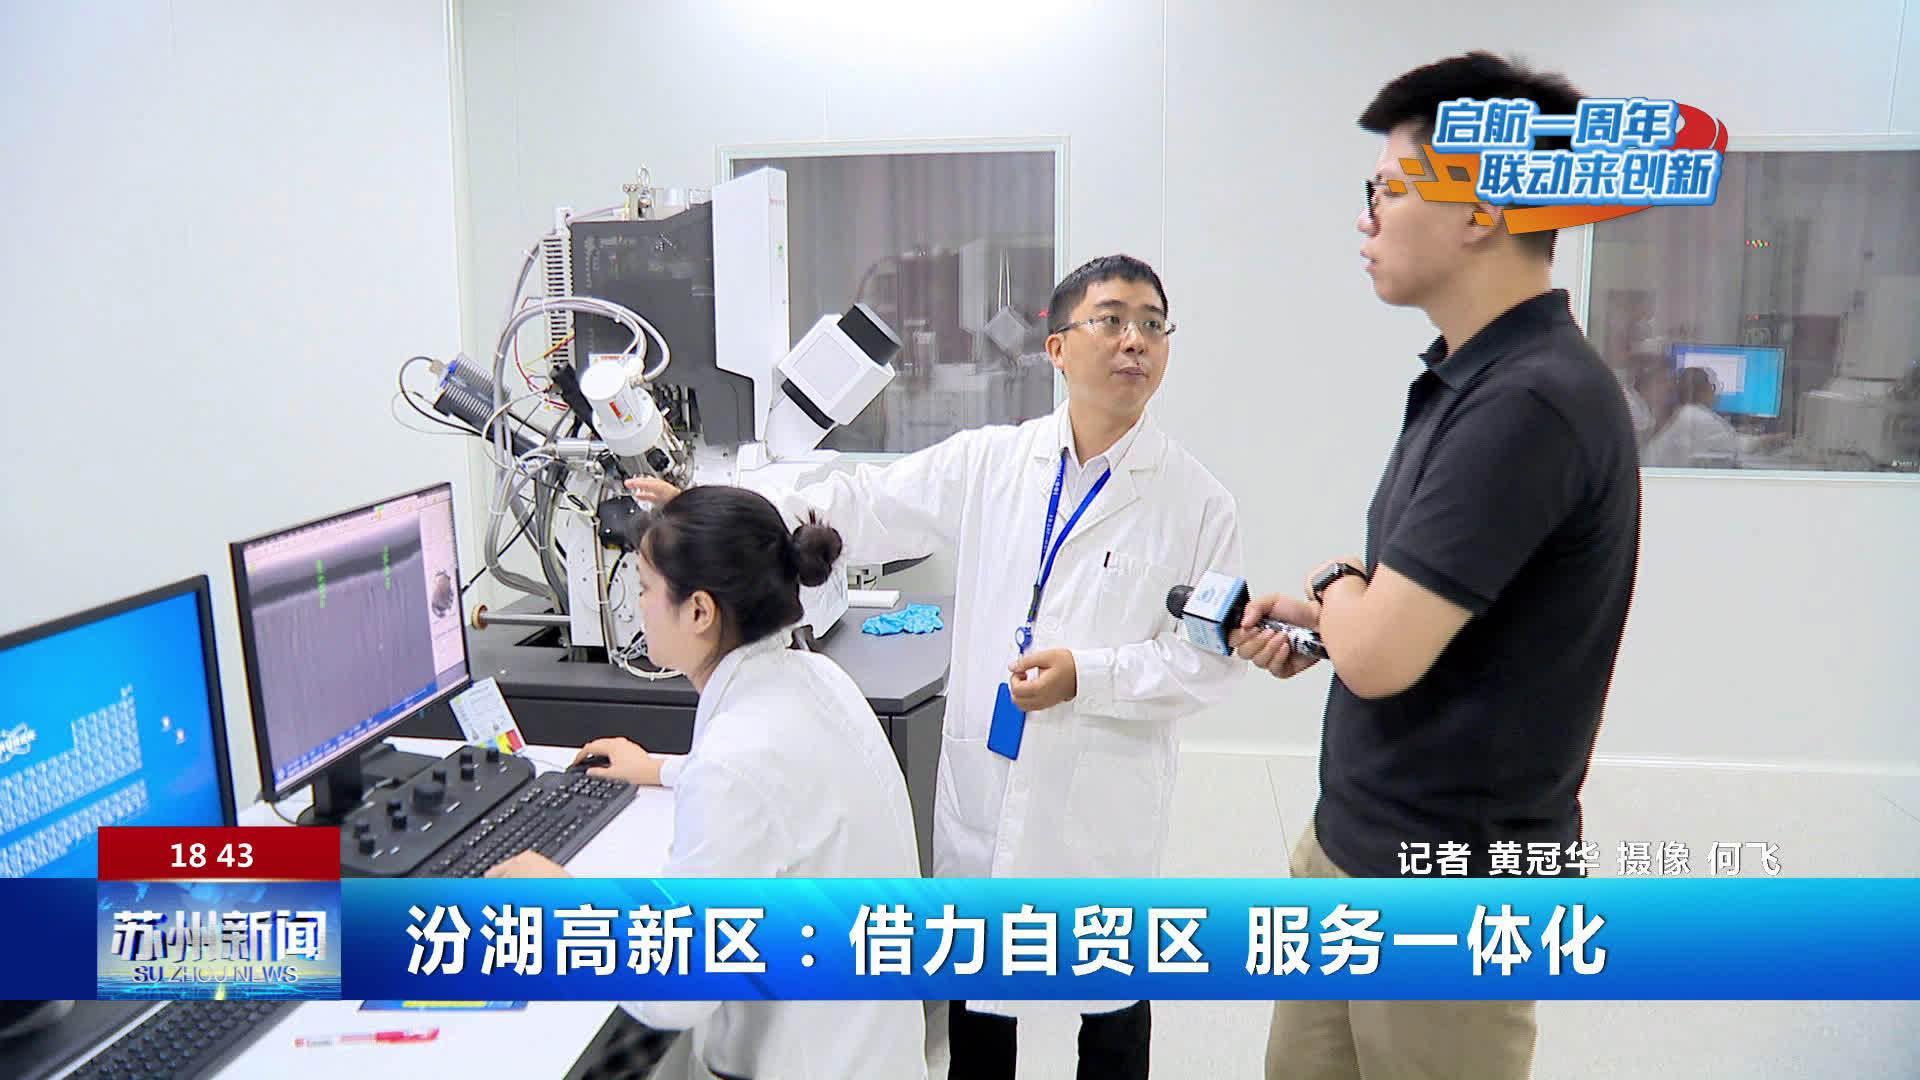 汾湖高新区:借力自贸区 服务一体化